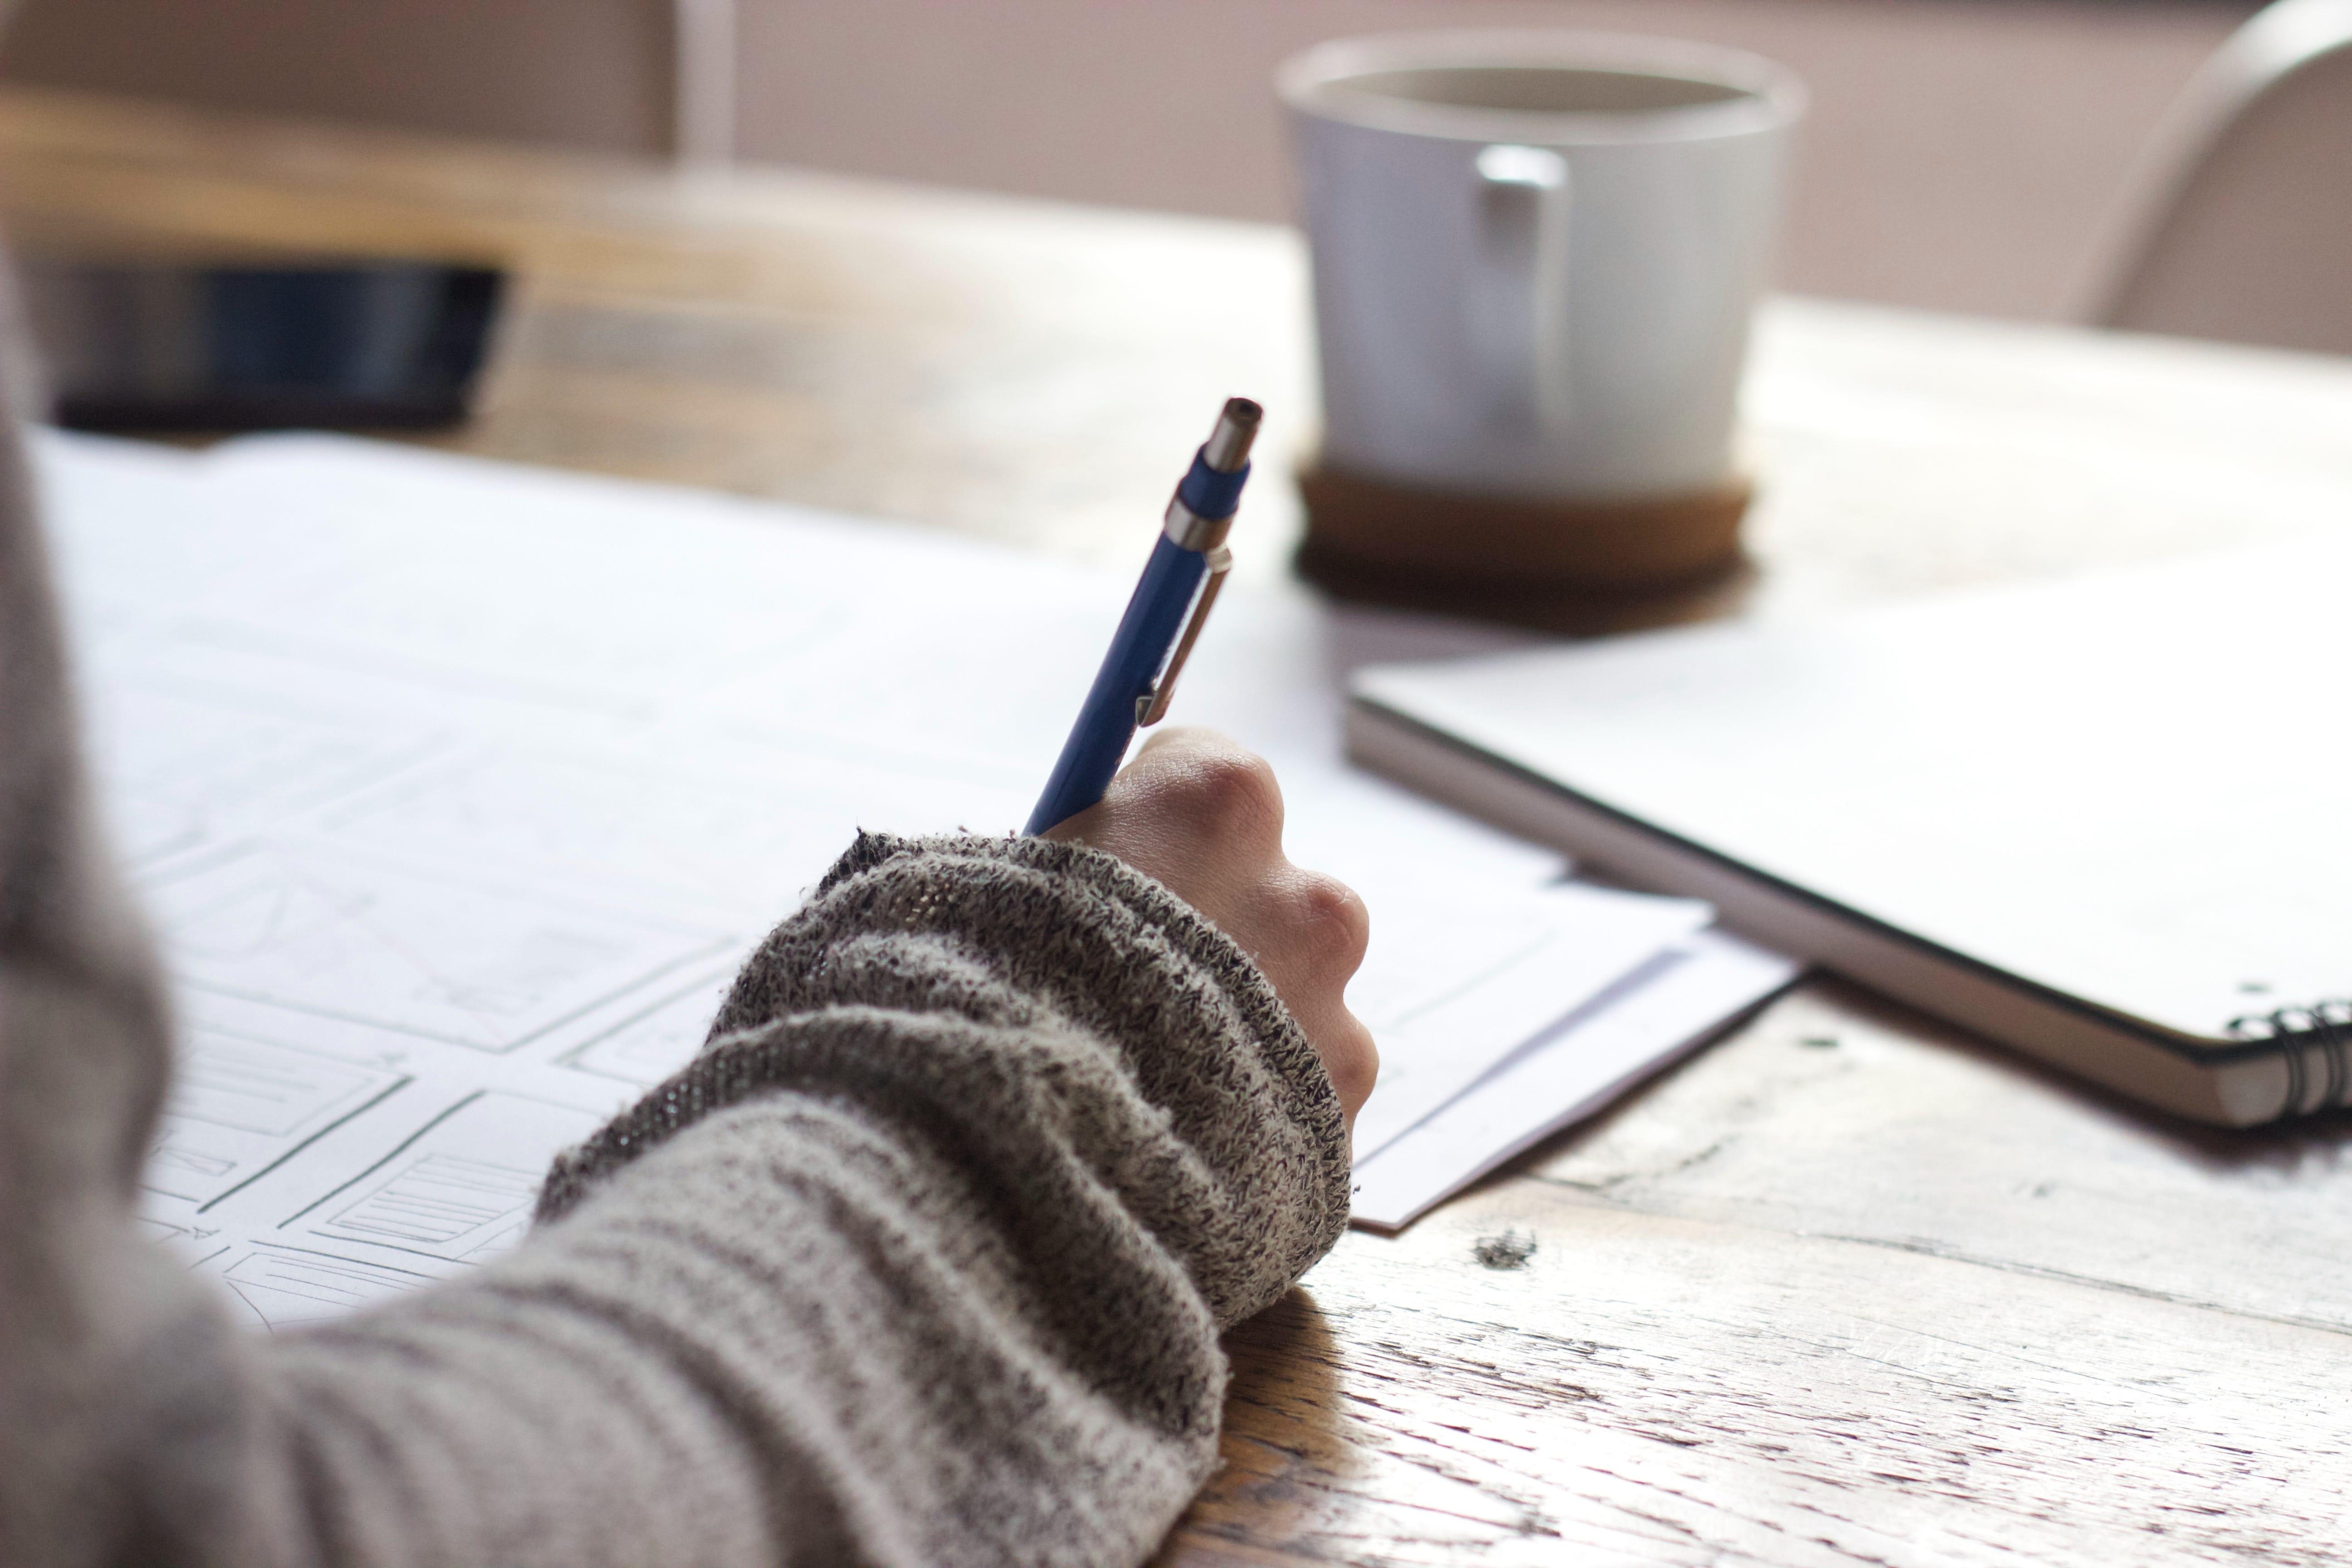 ブログの記事が書けない理由と改善策をセットで語る